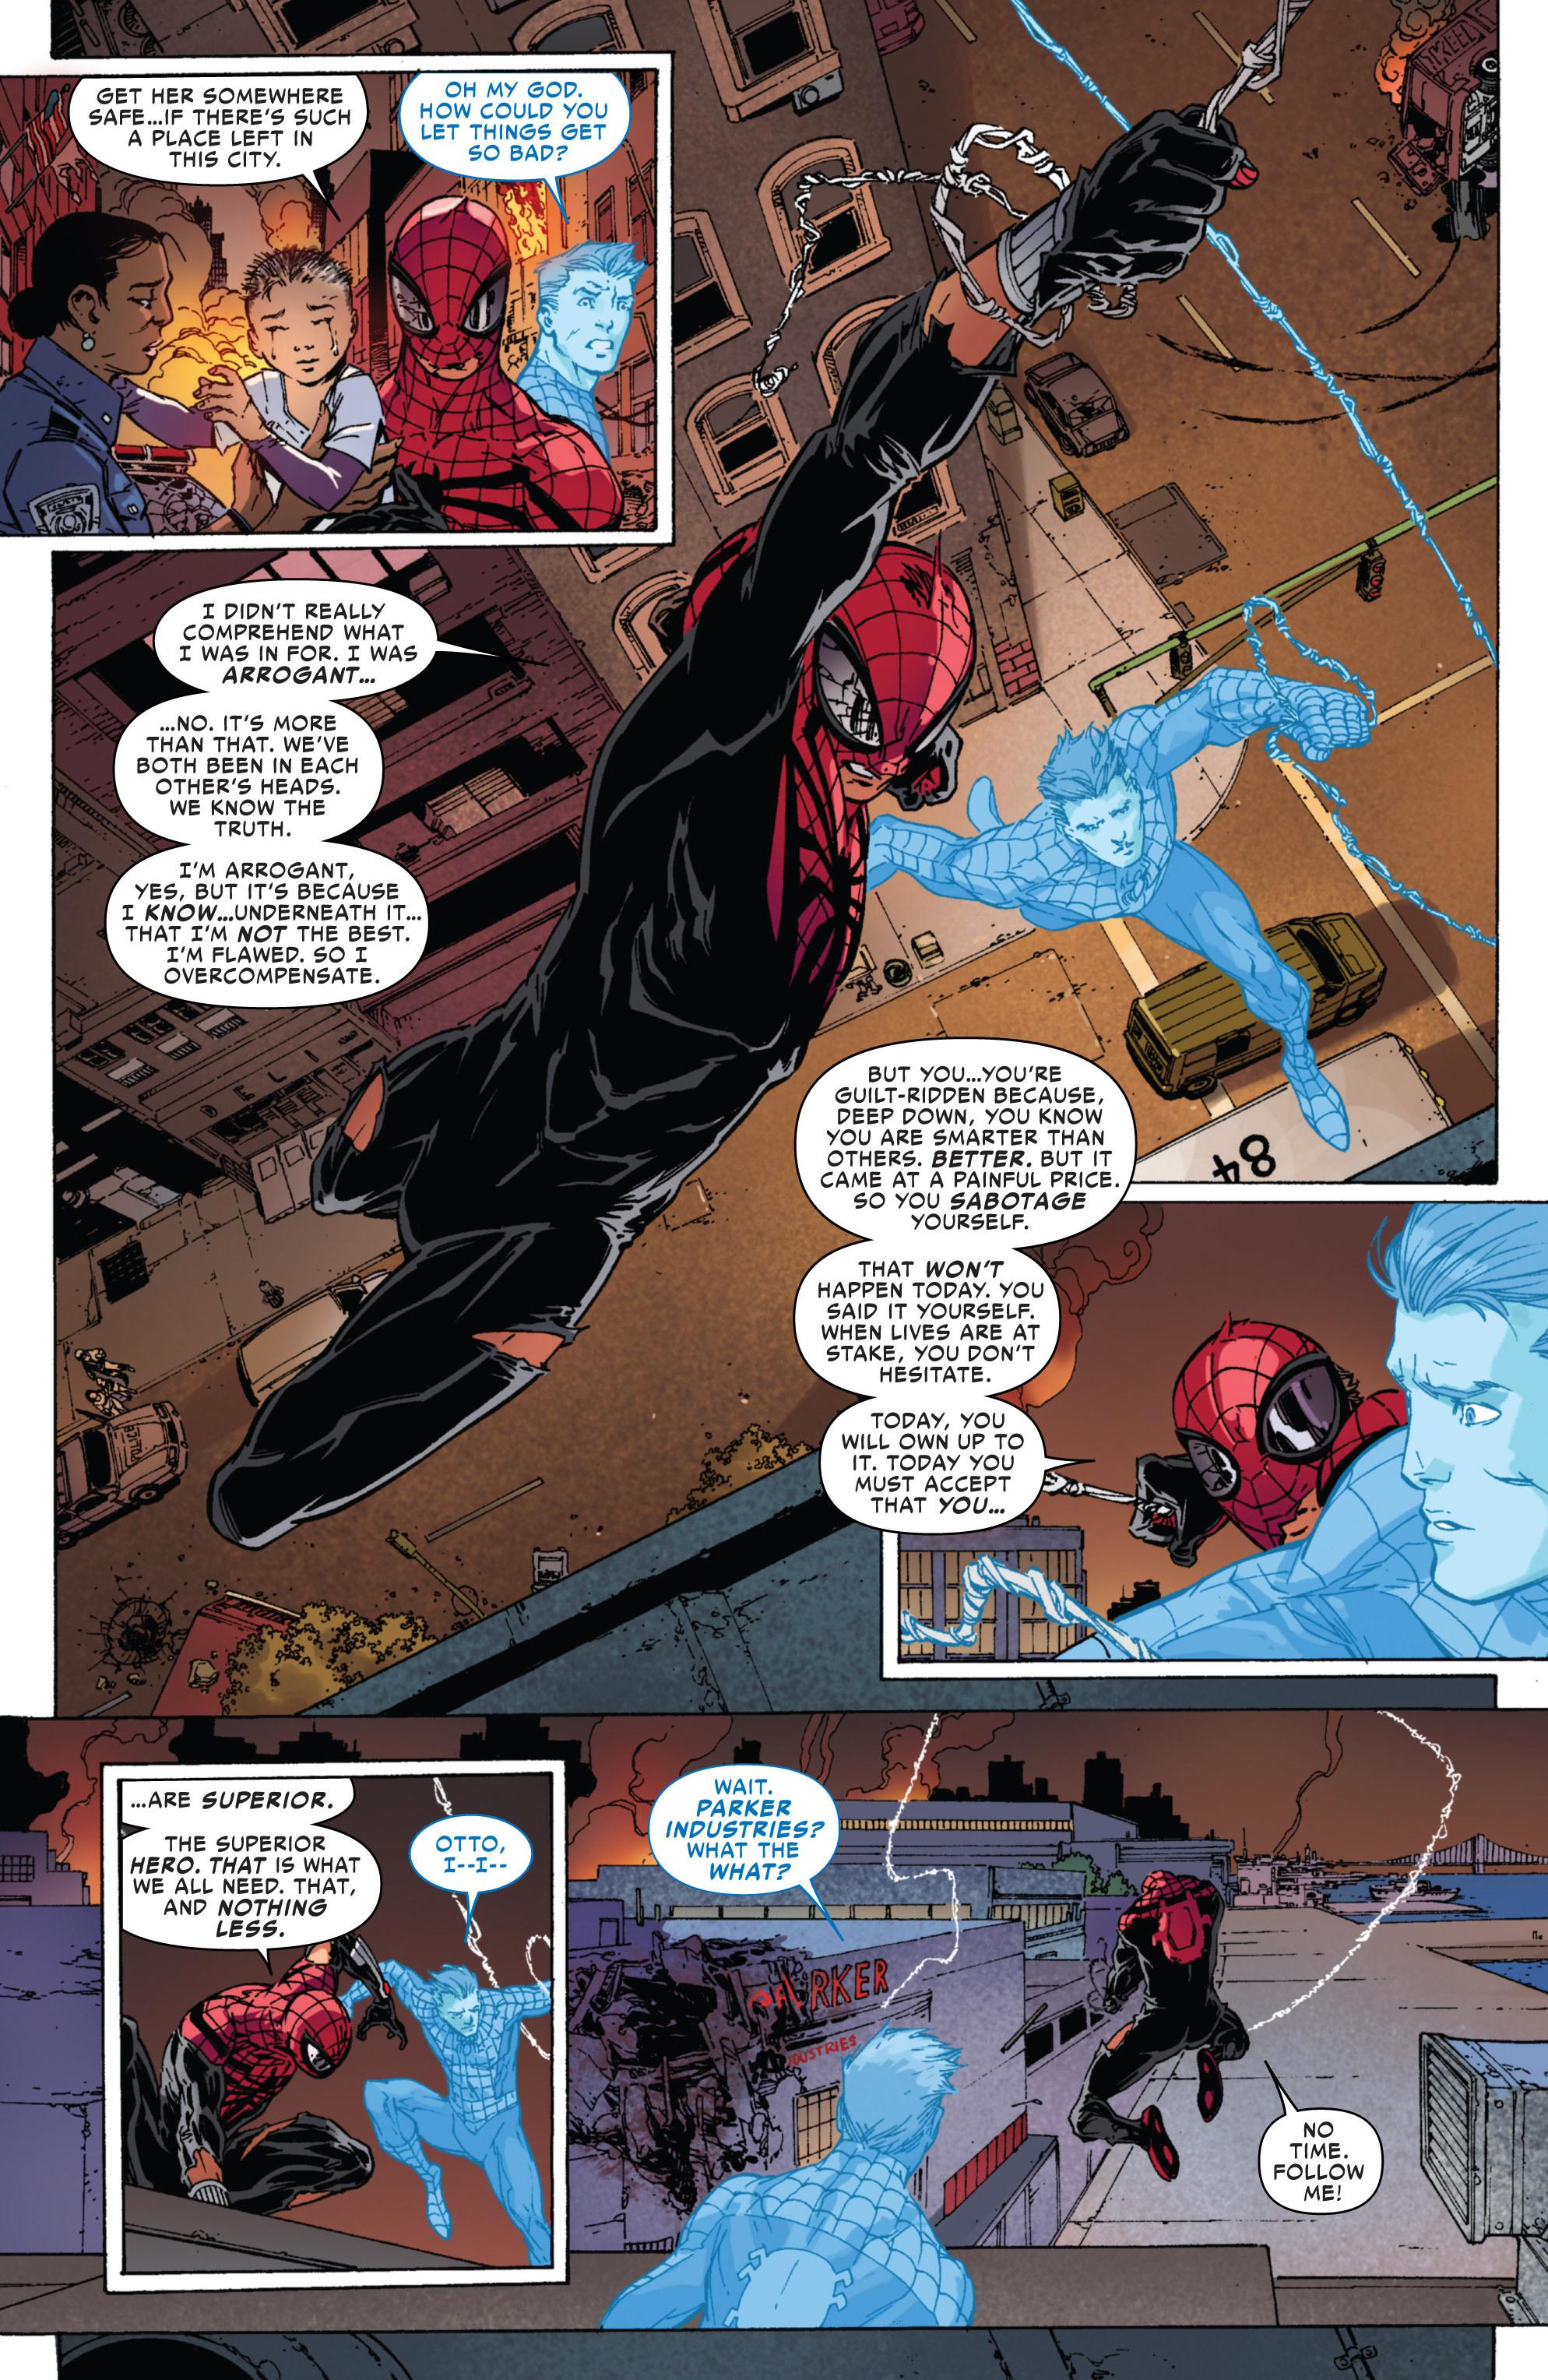 Superior Spider-Man #30-p.14